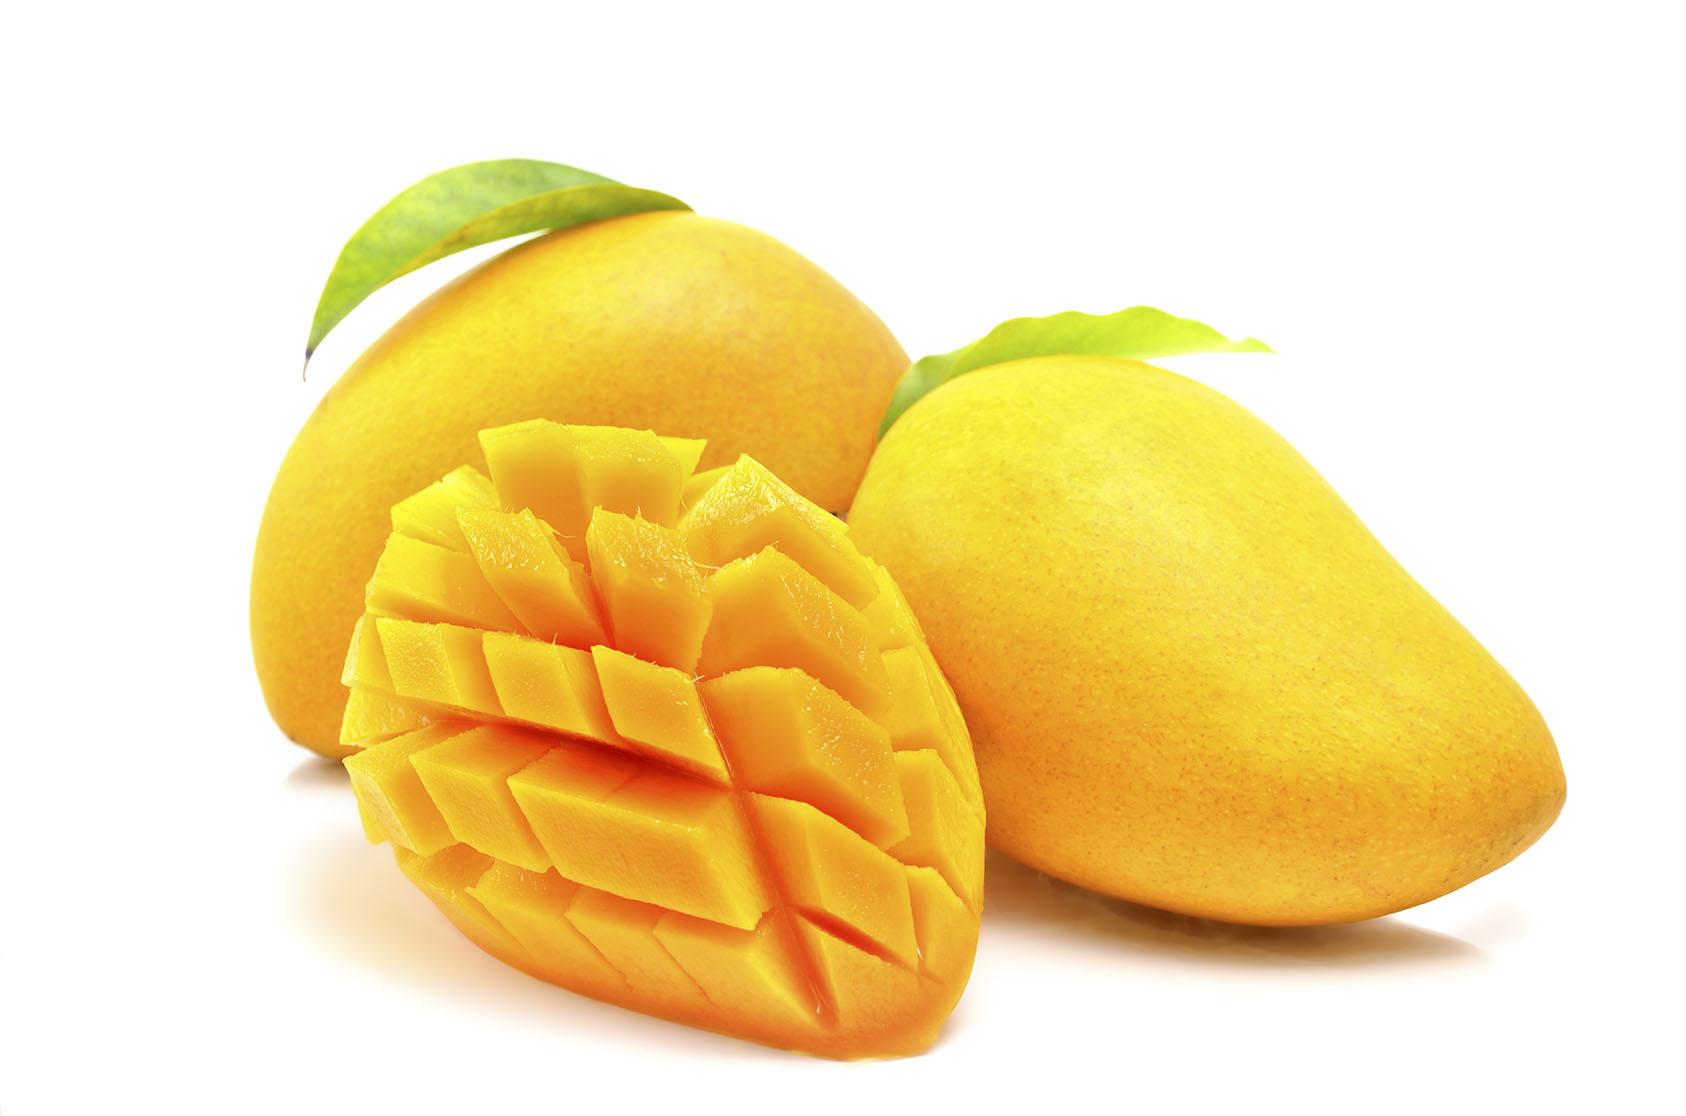 صور-مانجو-خلفيات-ورمزيات-فاكهة-المانجو-HD-2